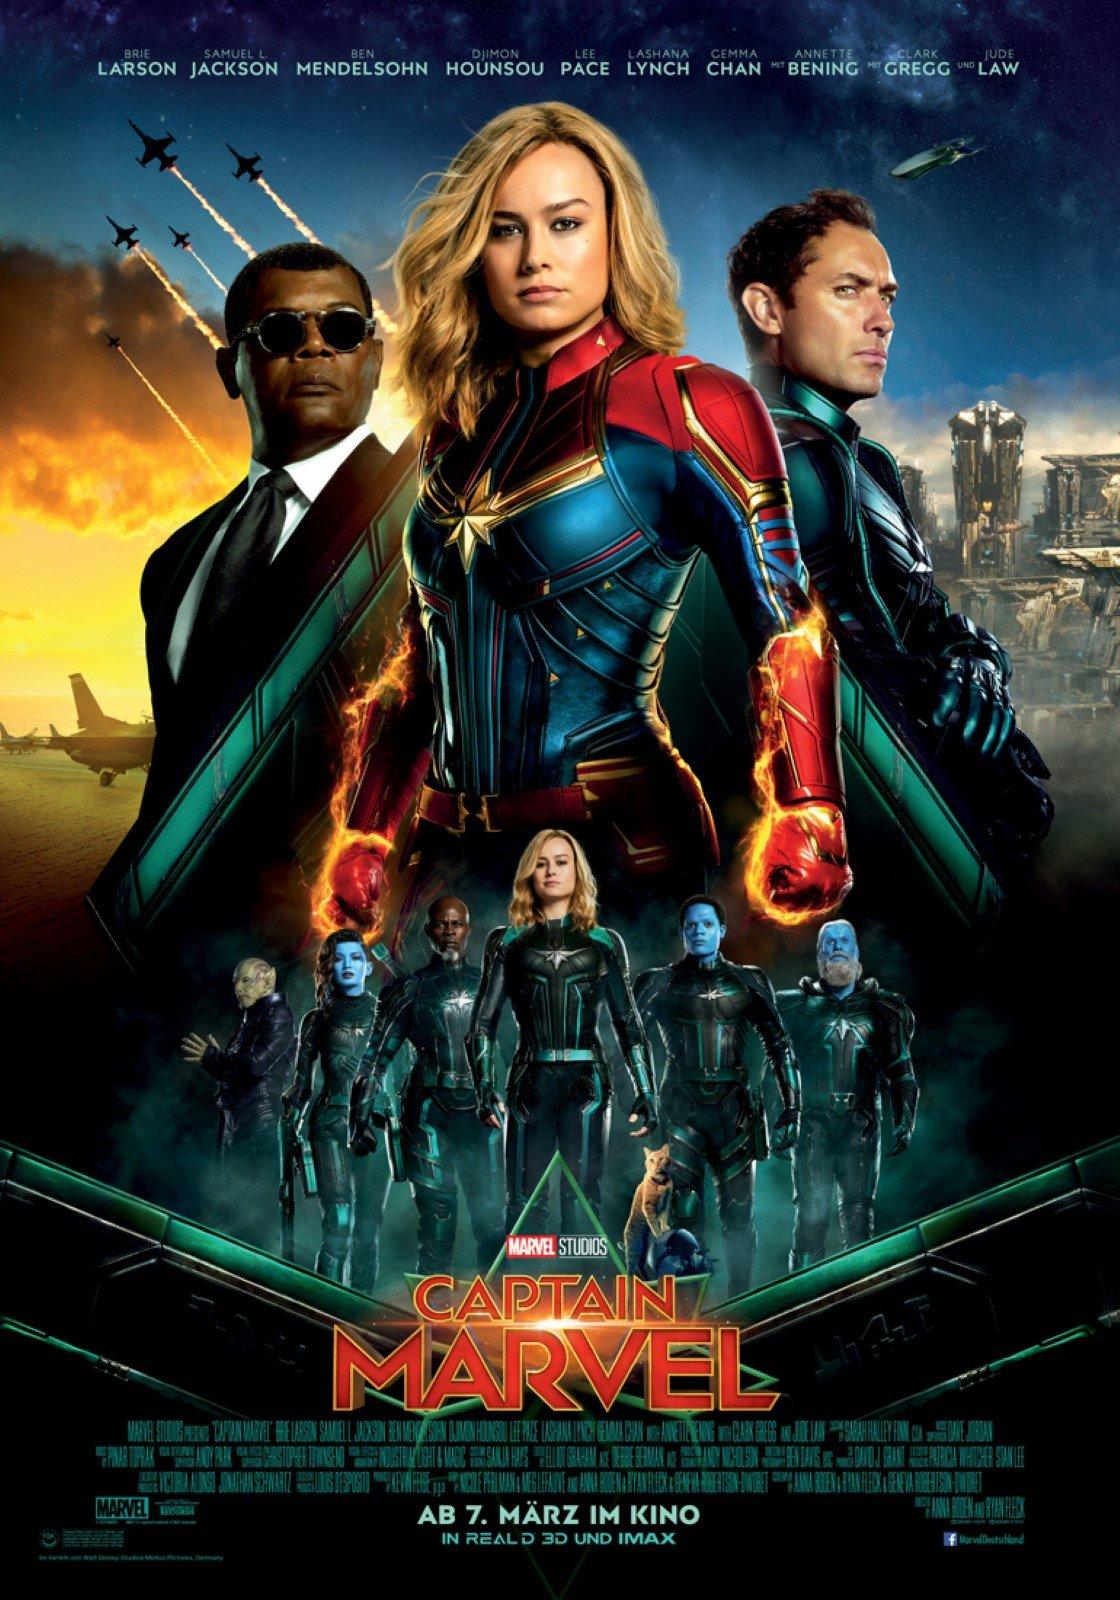 captain marvel - film 2019 - filmstarts.de